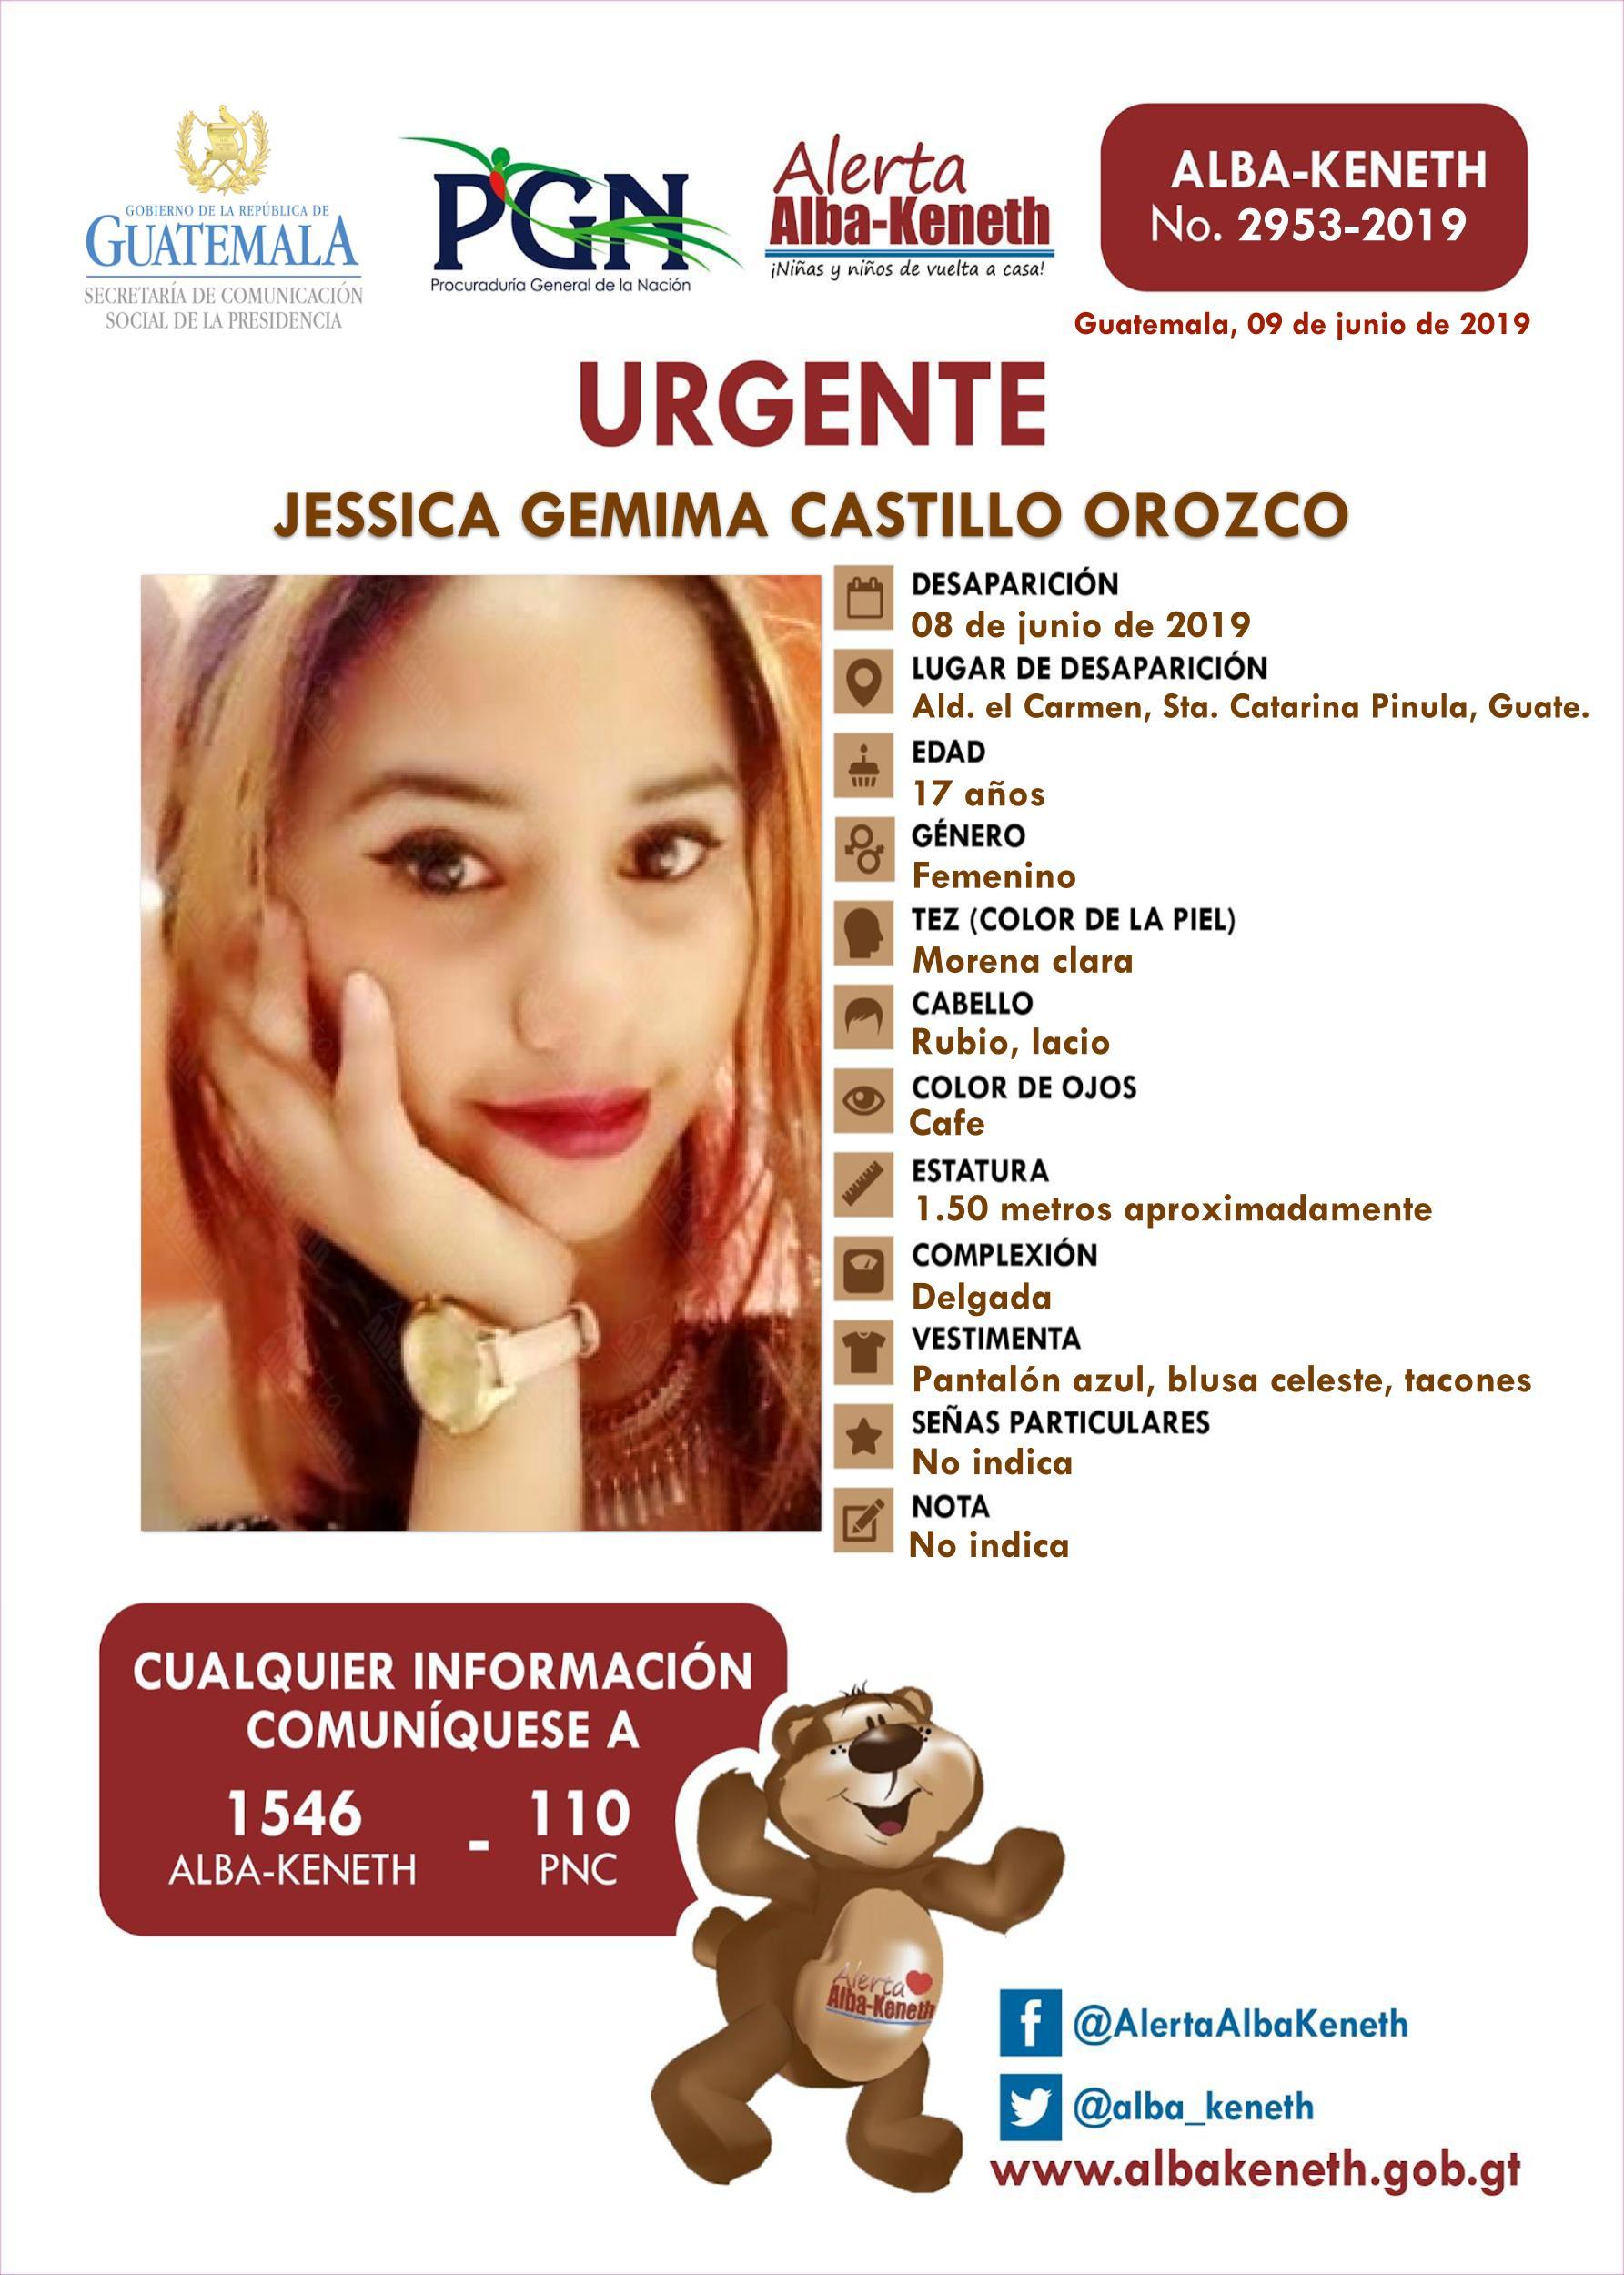 Jessica Gemima Castillo Orozco